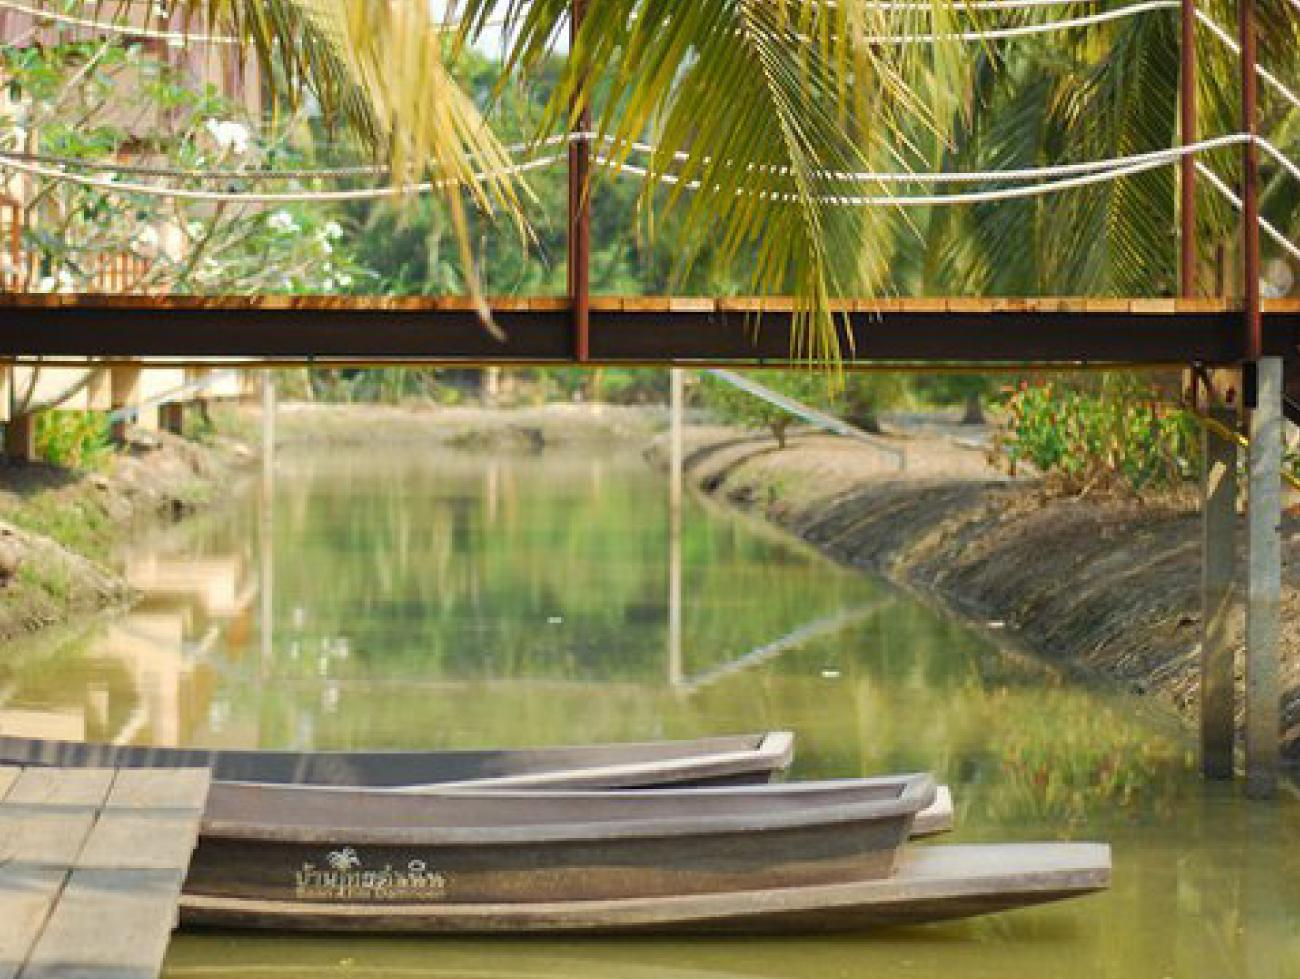 บ้านไทยดำเนิน คาแนล เฮาส์ รีสอร์ท